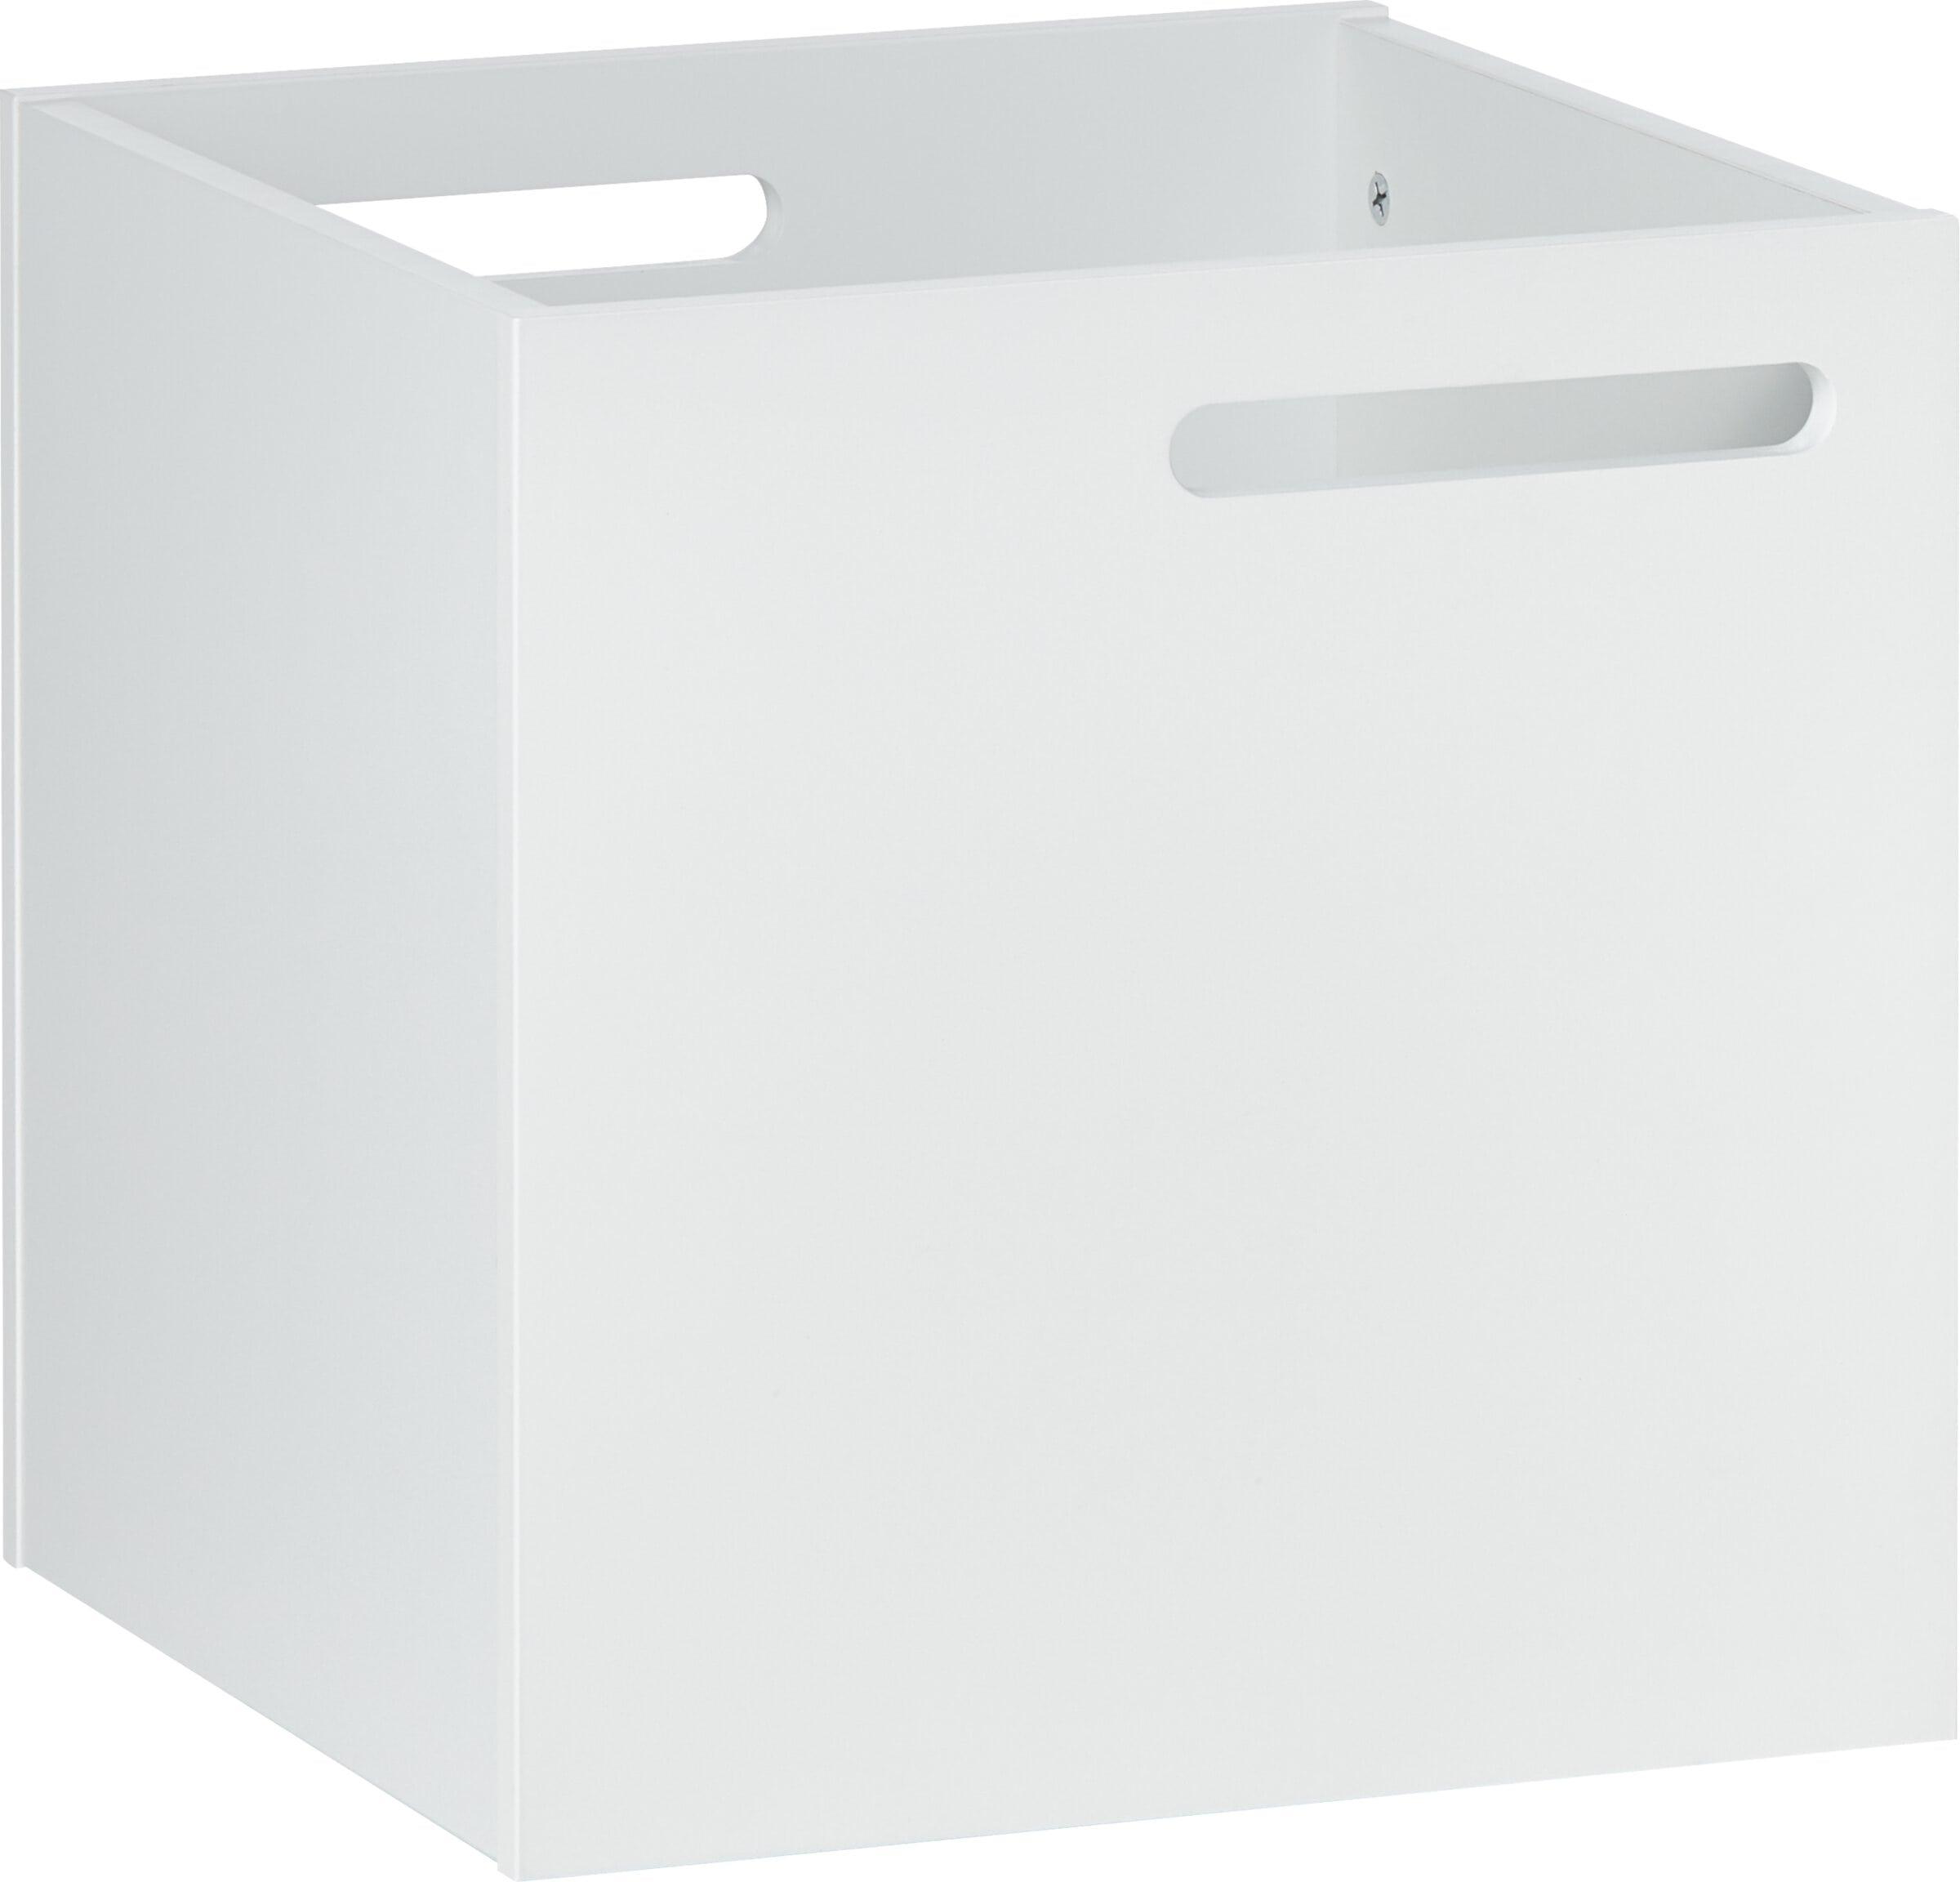 LATHI Box